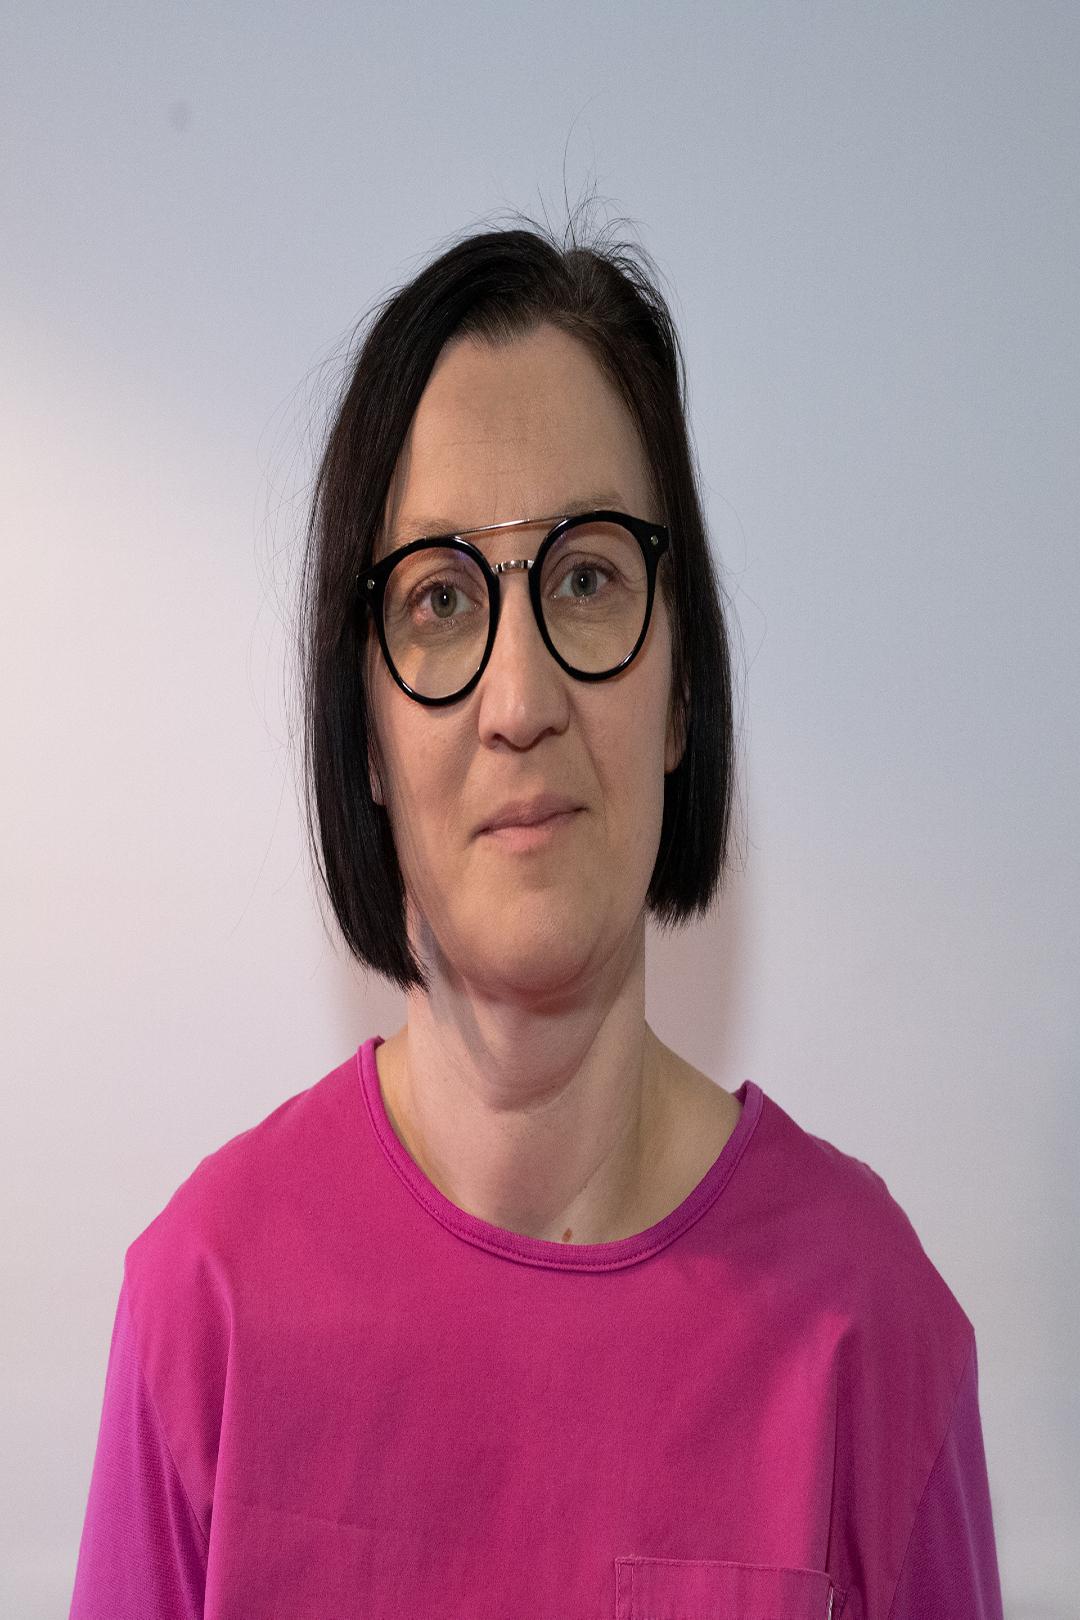 Marja Multasniemi